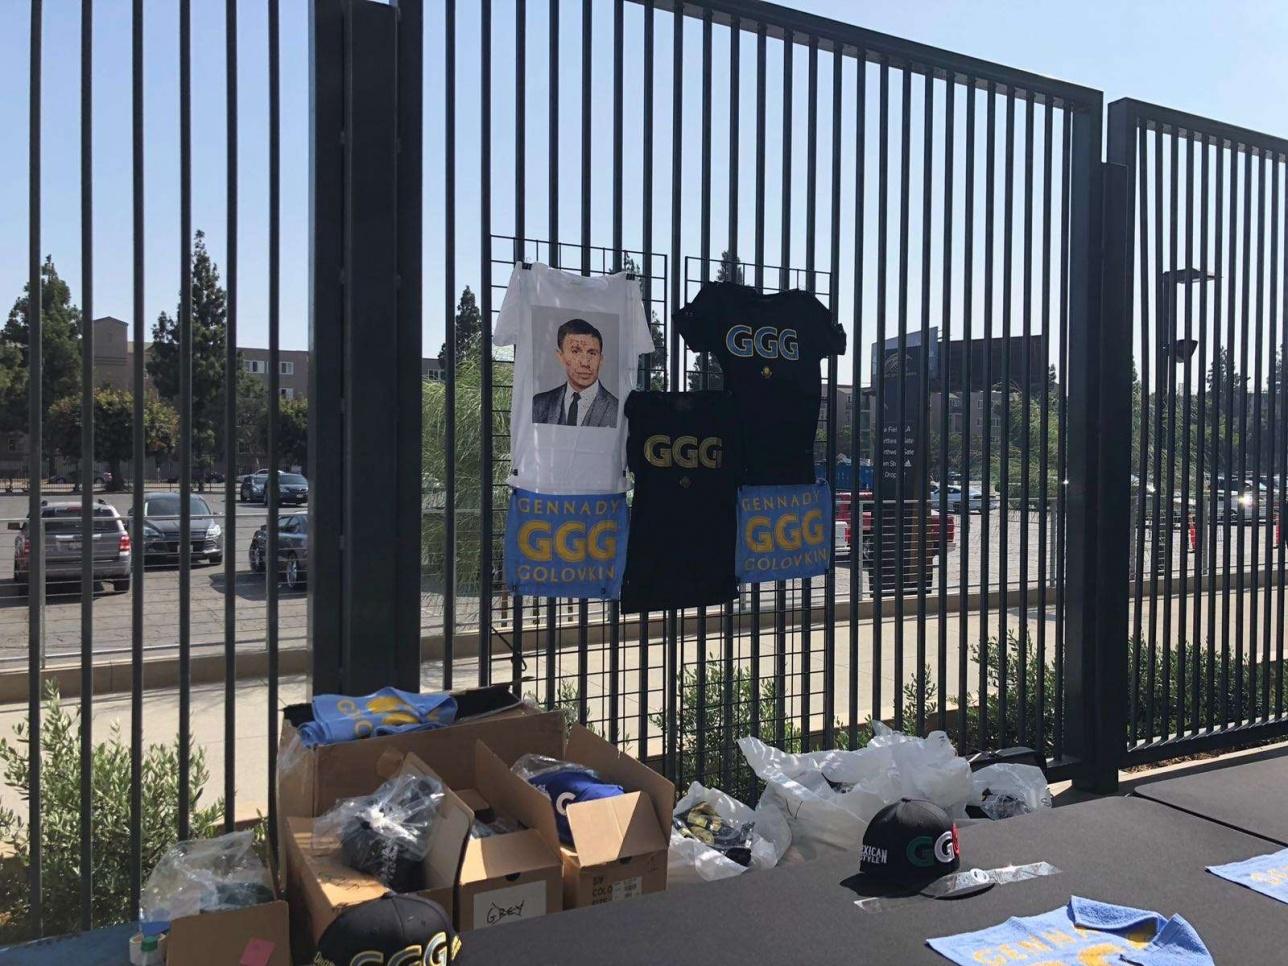 Перед стадионом раскинулись прилавки с сувенирами с символикой боксёров